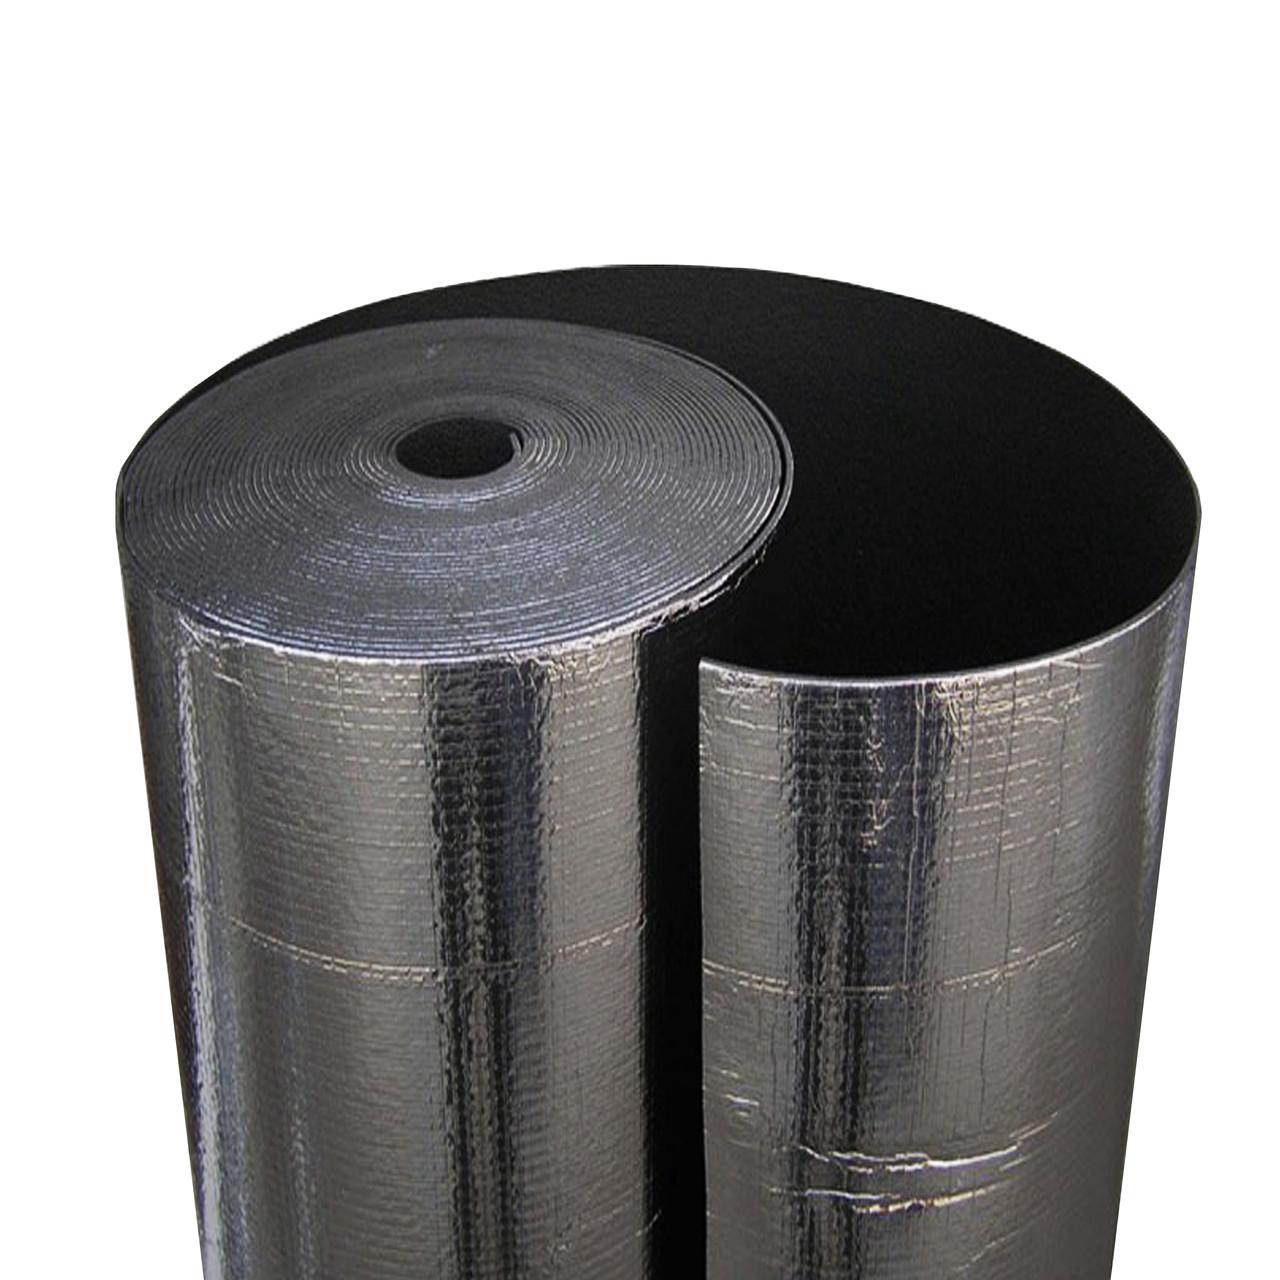 Физически сшитый вспененный полиэтилен фольгированный самоклеящийся, 3 мм